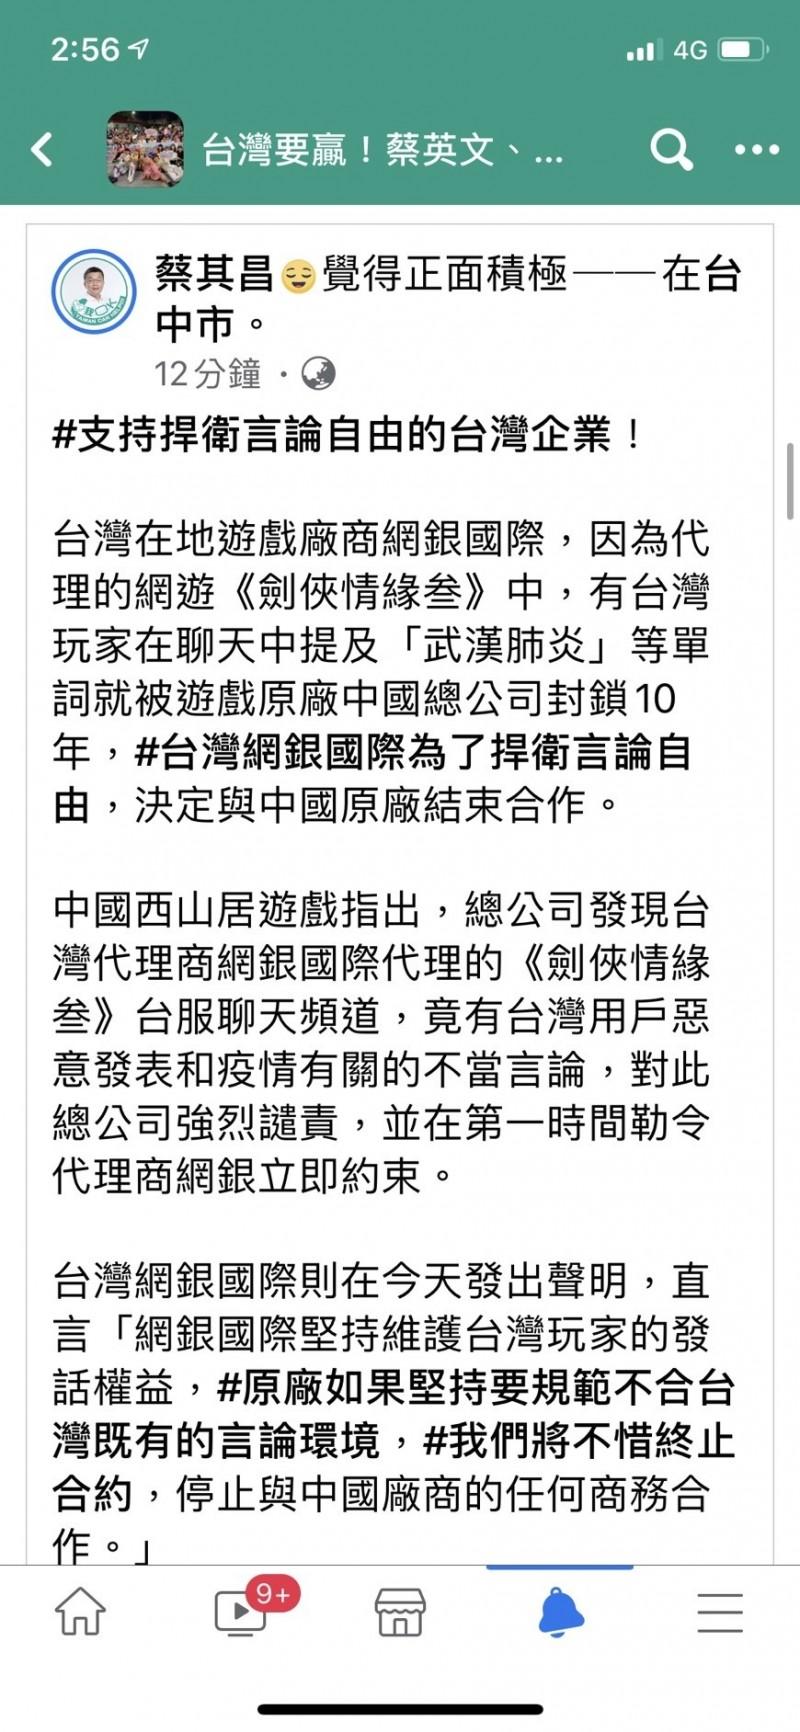 蔡其昌臉書po文挺網國際捍衛言碖自由。(擷取自臉書)